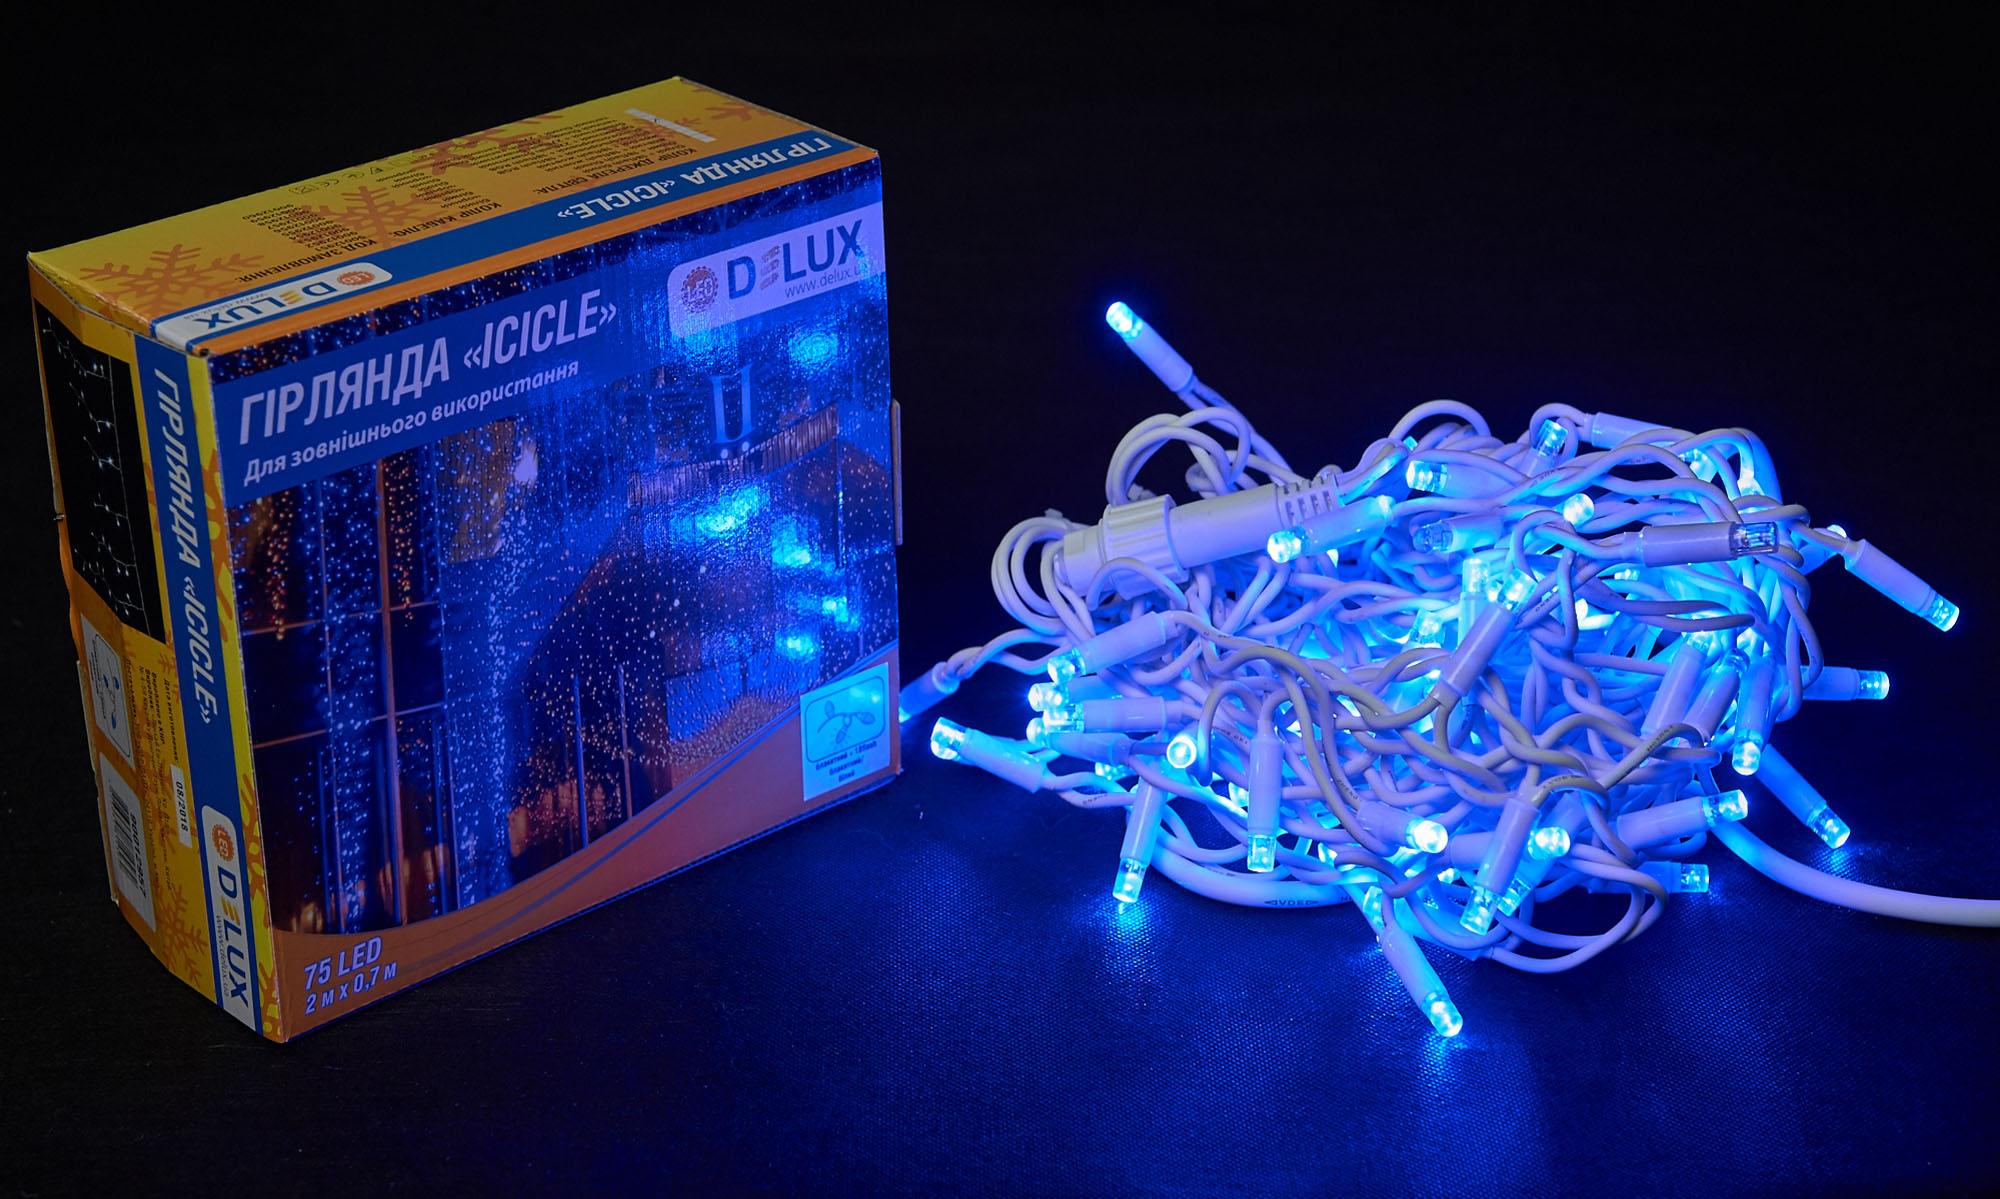 Гірлянда зовнішня DELUX ICICLE 75 LED бахрома 2x0,7m 18 flash синій/білий IP44 EN